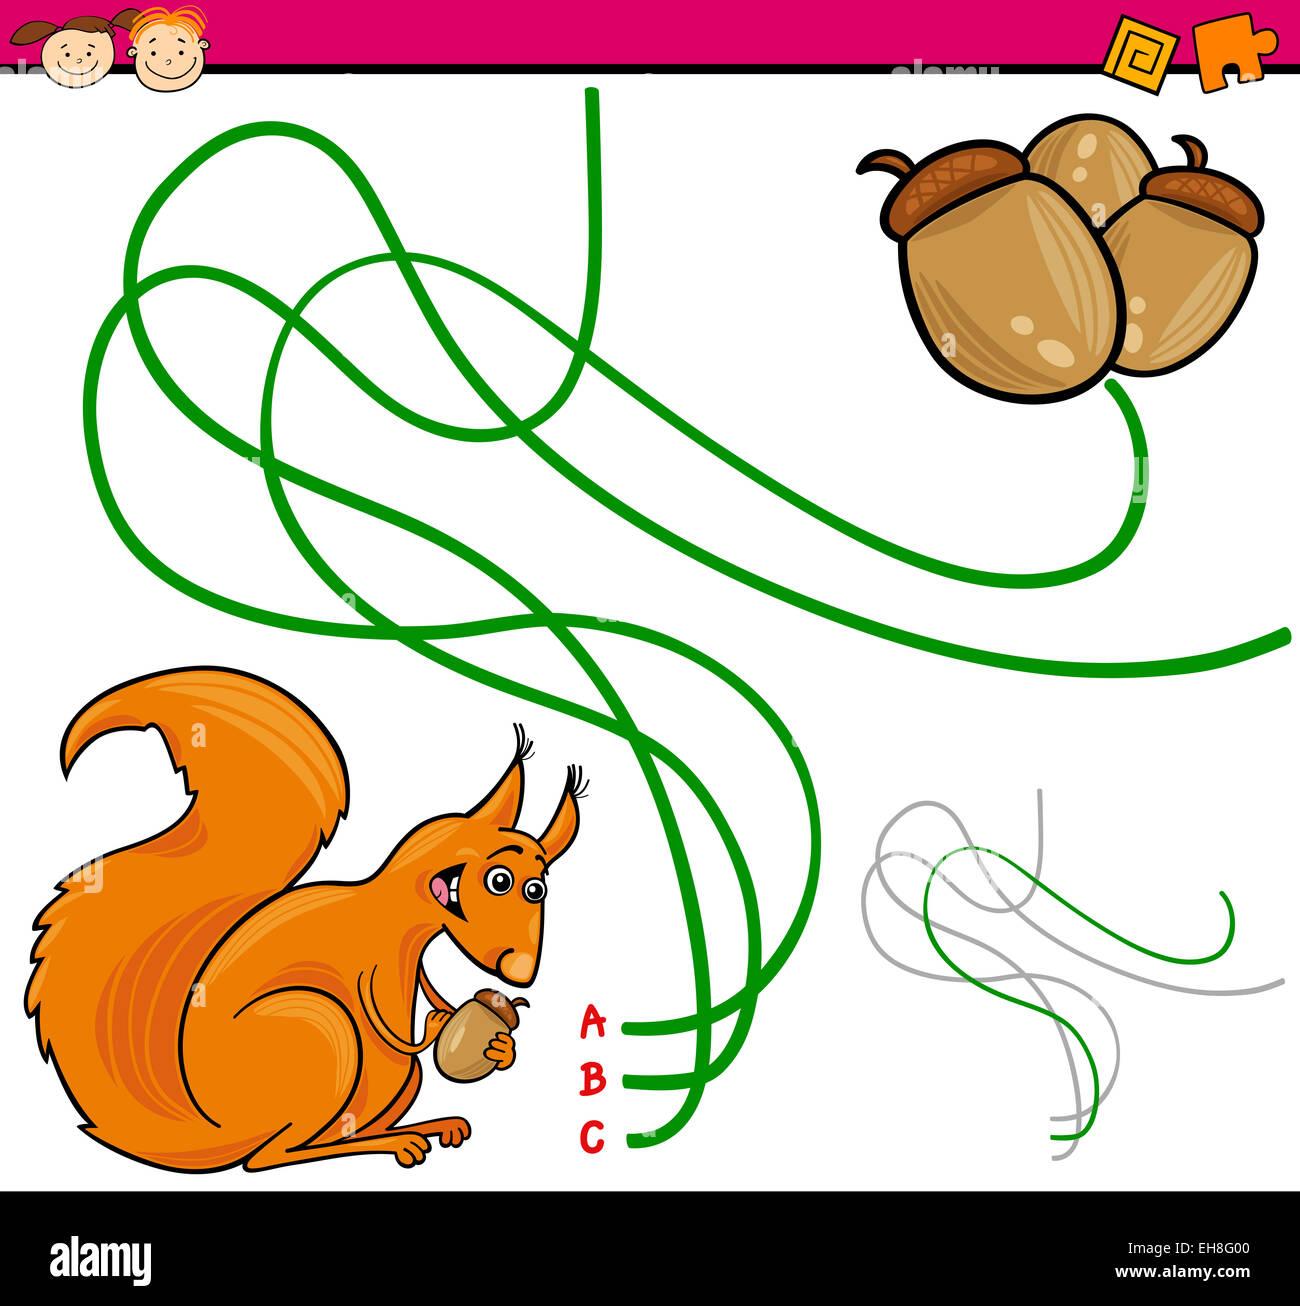 Cartoon Squirrel Puzzle Game Stock Photos & Cartoon Squirrel Puzzle ...